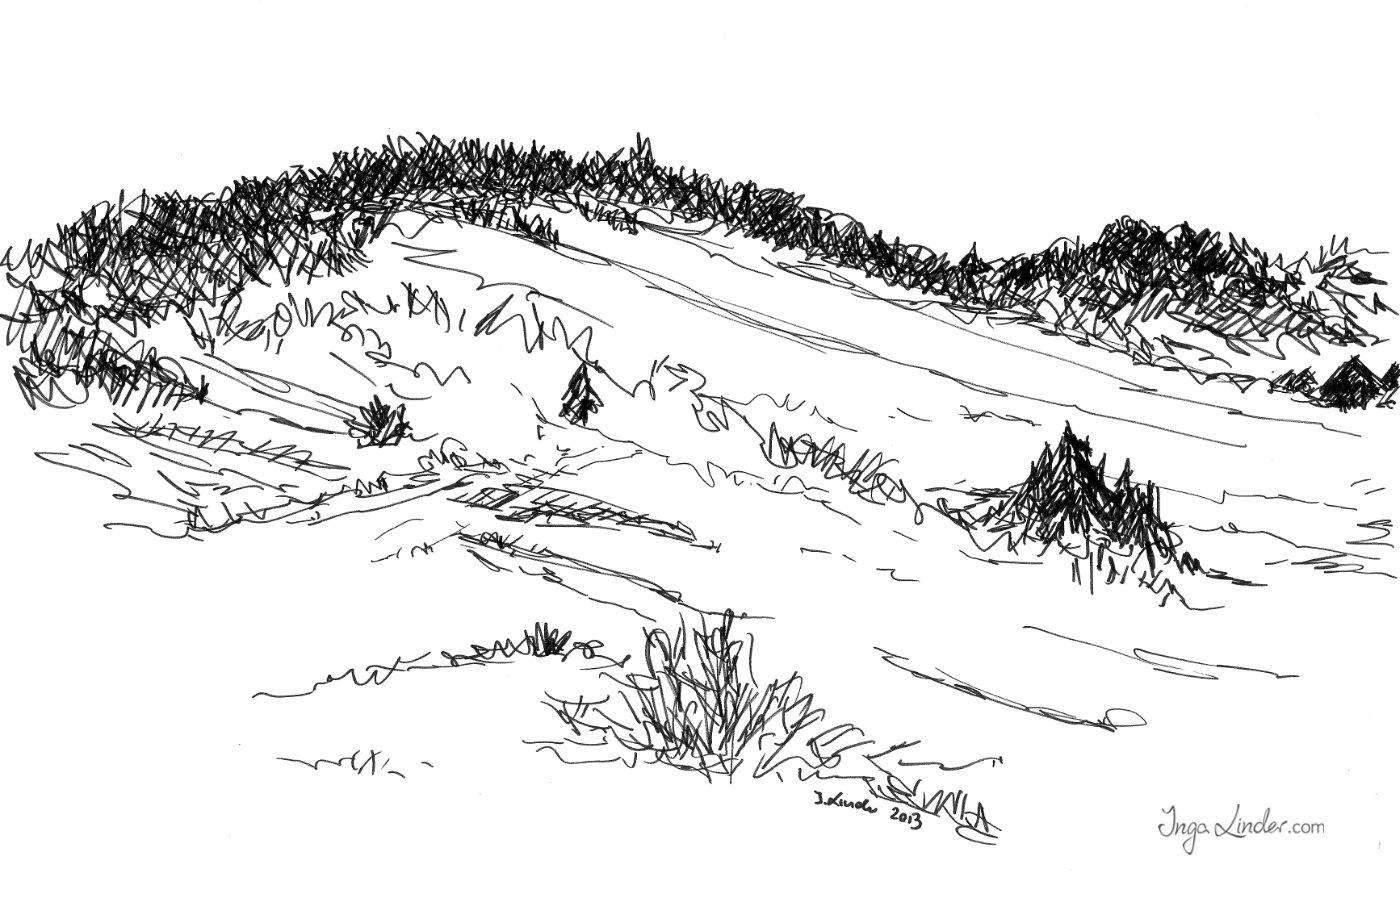 Krajobraz - marker Inga Linder